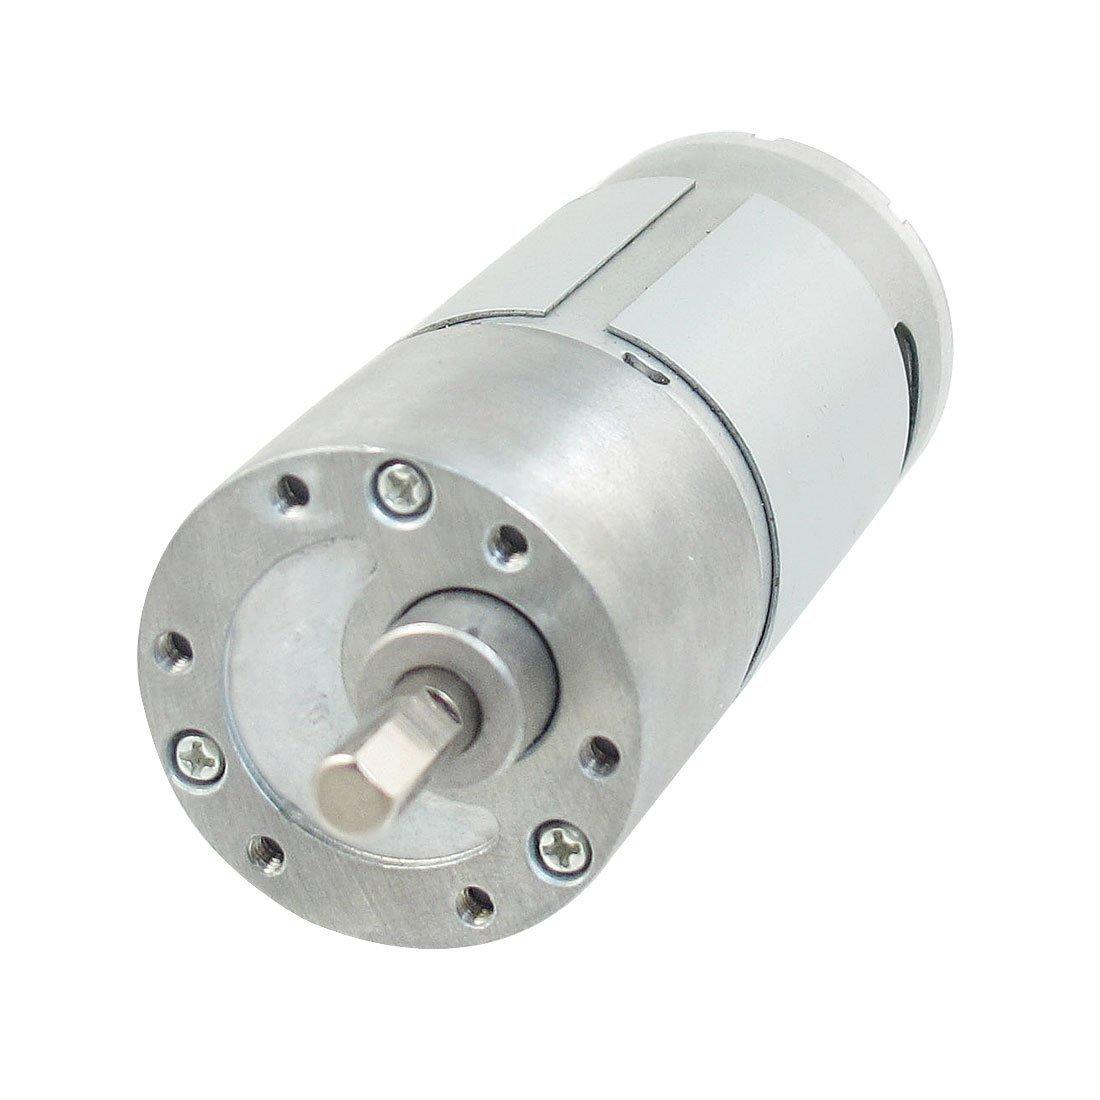 eDealMax 40 RPM 24V High Torque magnétique Cylindre électrique moteur à courant continu